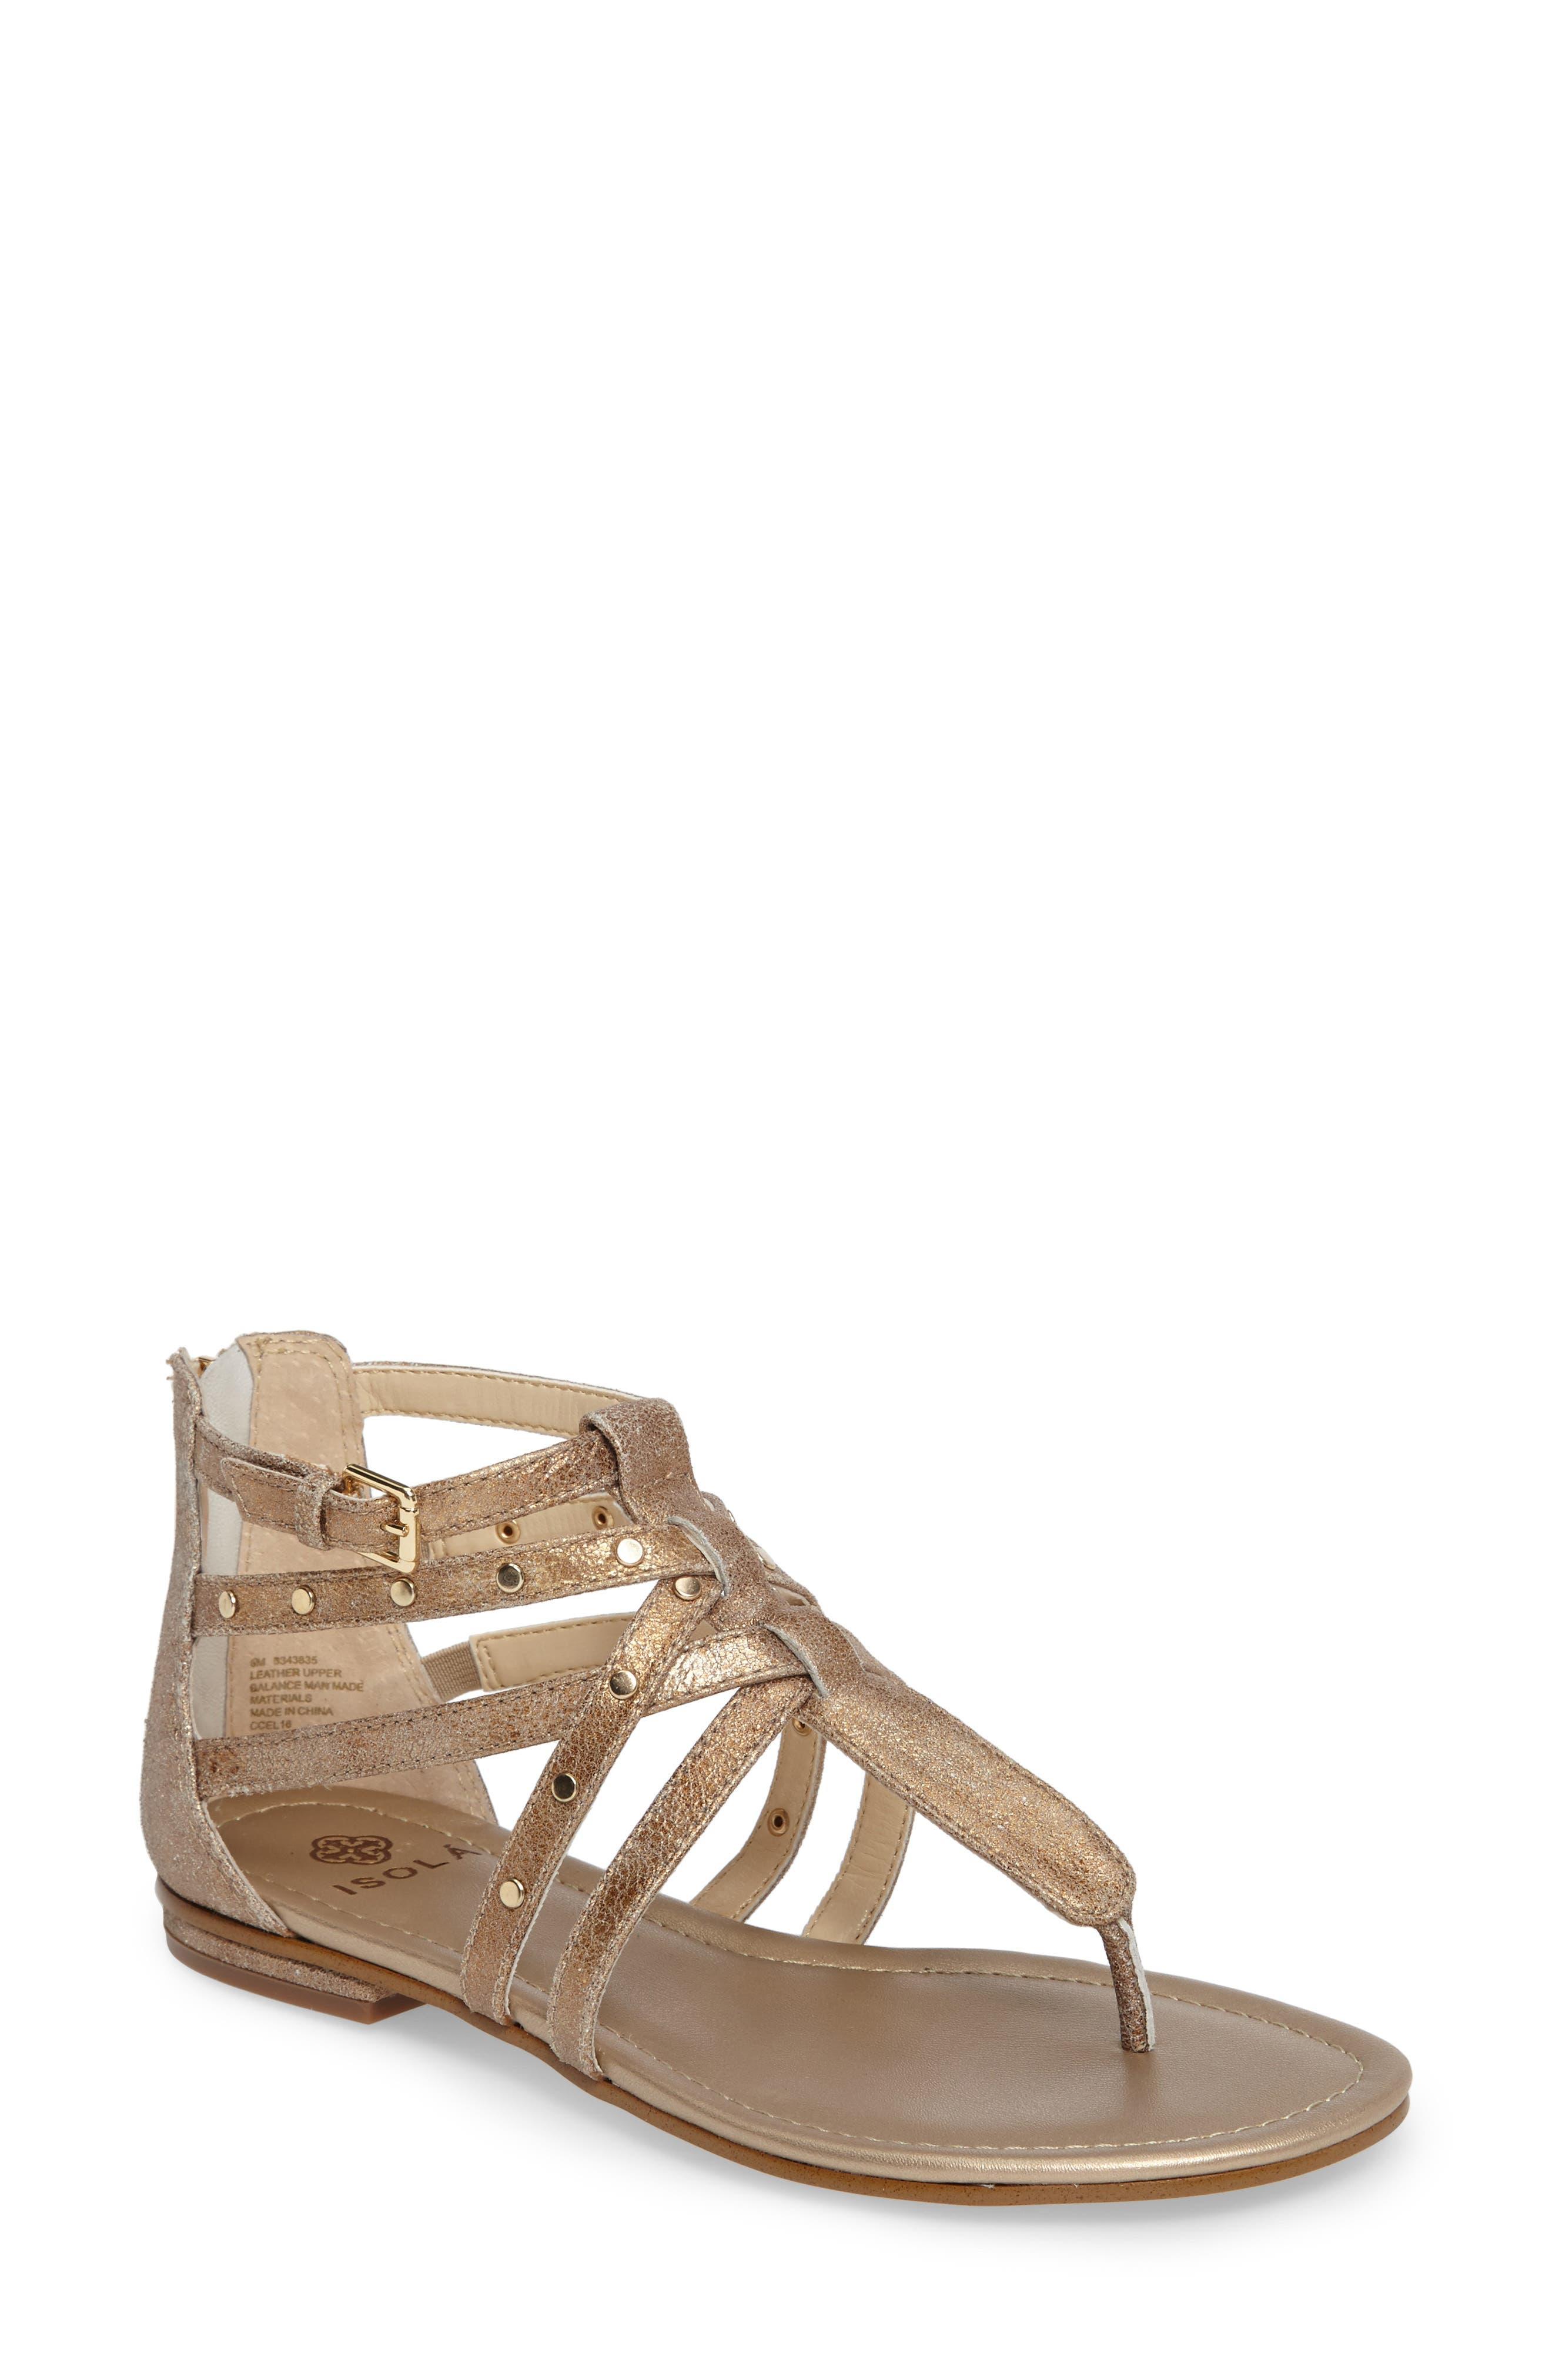 Alternate Image 1 Selected - Isolá Melara T-Strap Gladiator Sandal (Women)